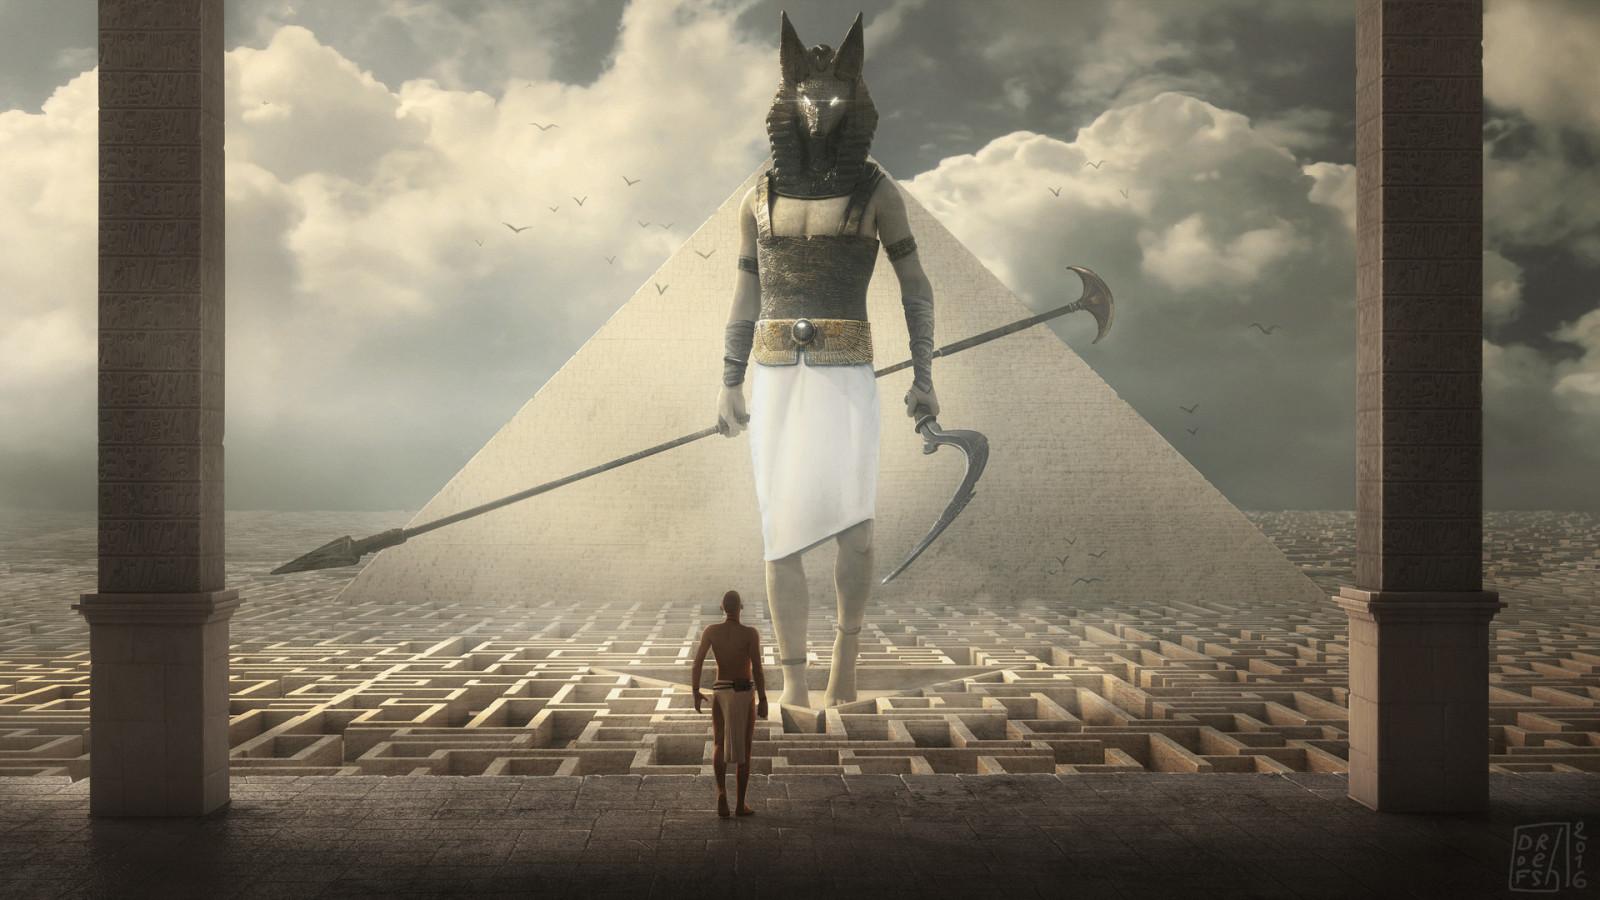 https://c.wallhere.com/photos/1c/e1/1920x1080_px_Anubis_artwork_DOFRESH_egypt_fantasy_Art_illustration_pyramid-1413507.jpg!d